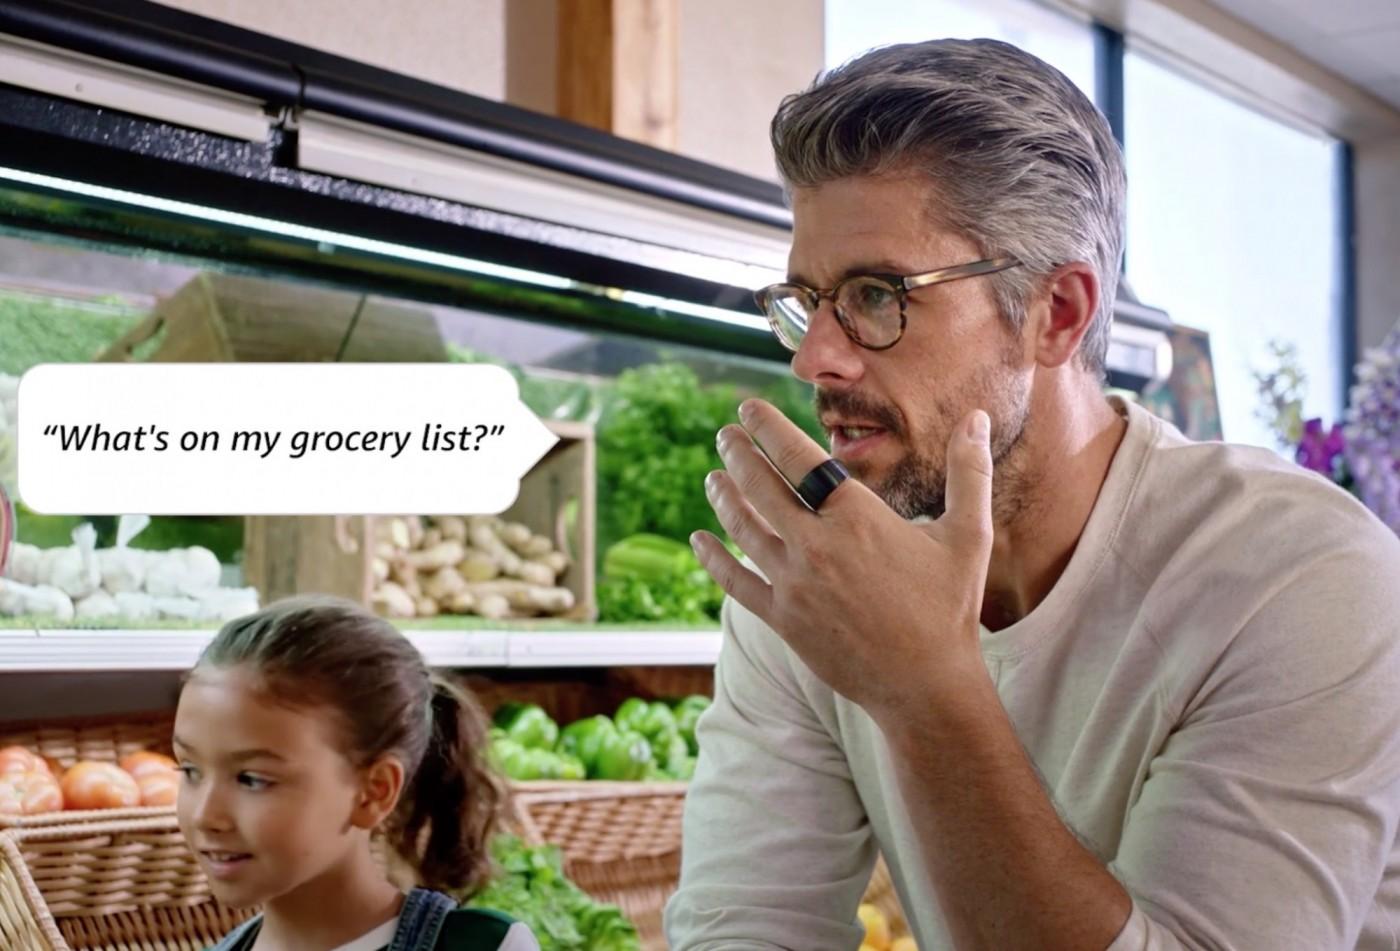 亞馬遜年會5大亮點:智慧眼鏡、魔戒、烤箱之外,漫威神盾局長也成Alexa新賣點?